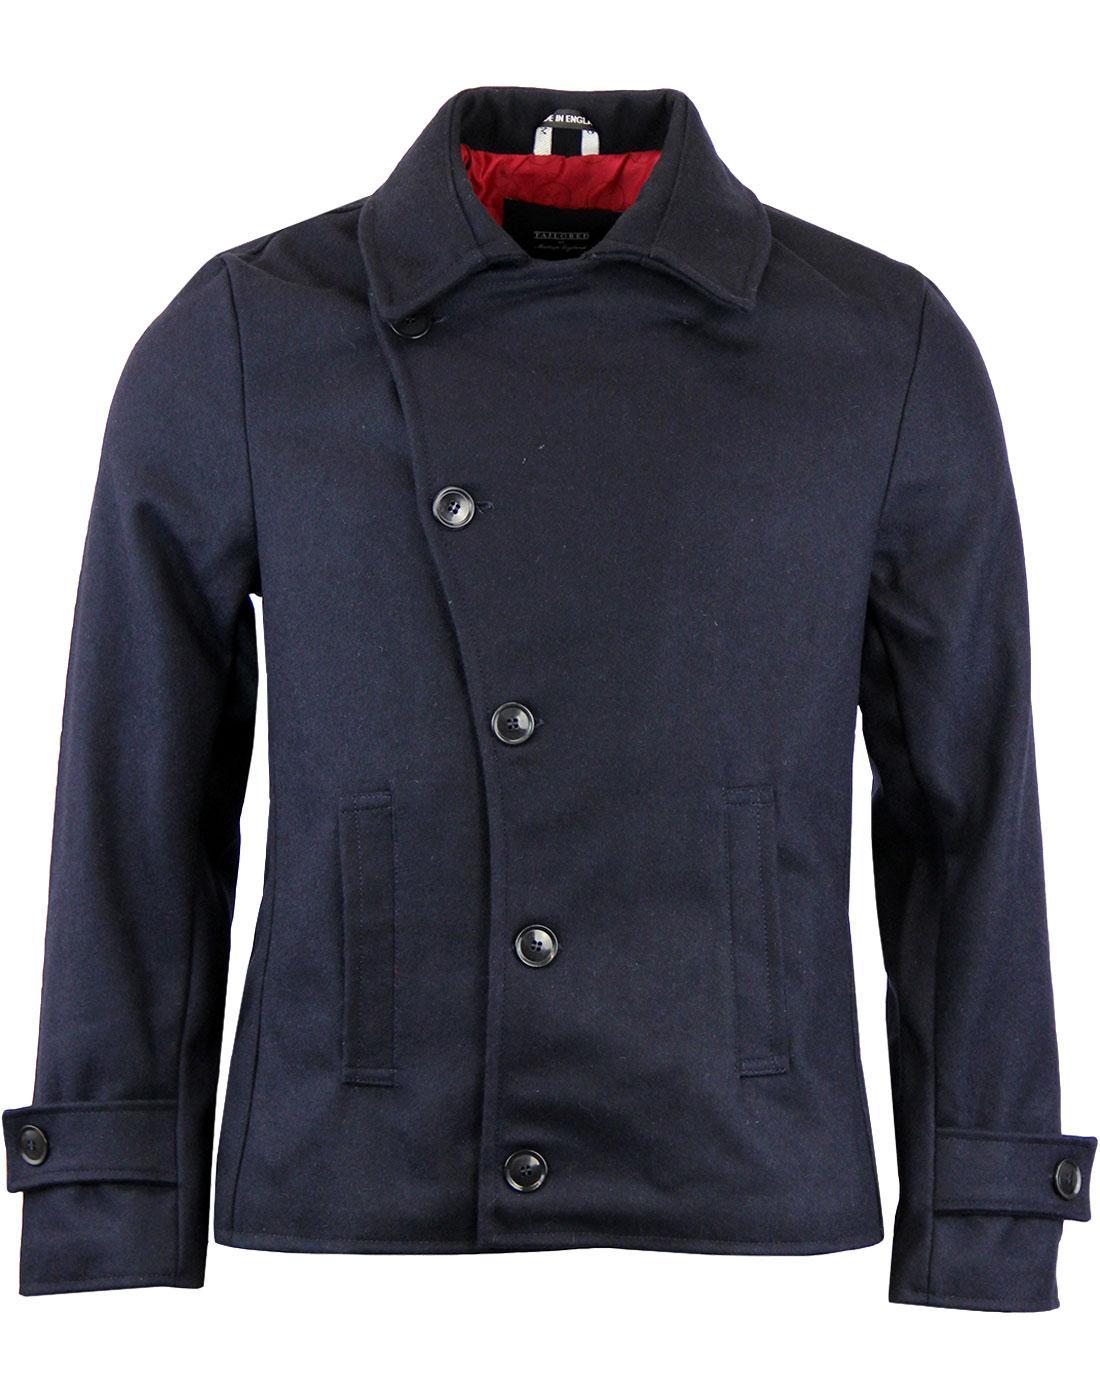 Denny MADCAP ENGLAND 60s Mod Short Reefer Jacket N